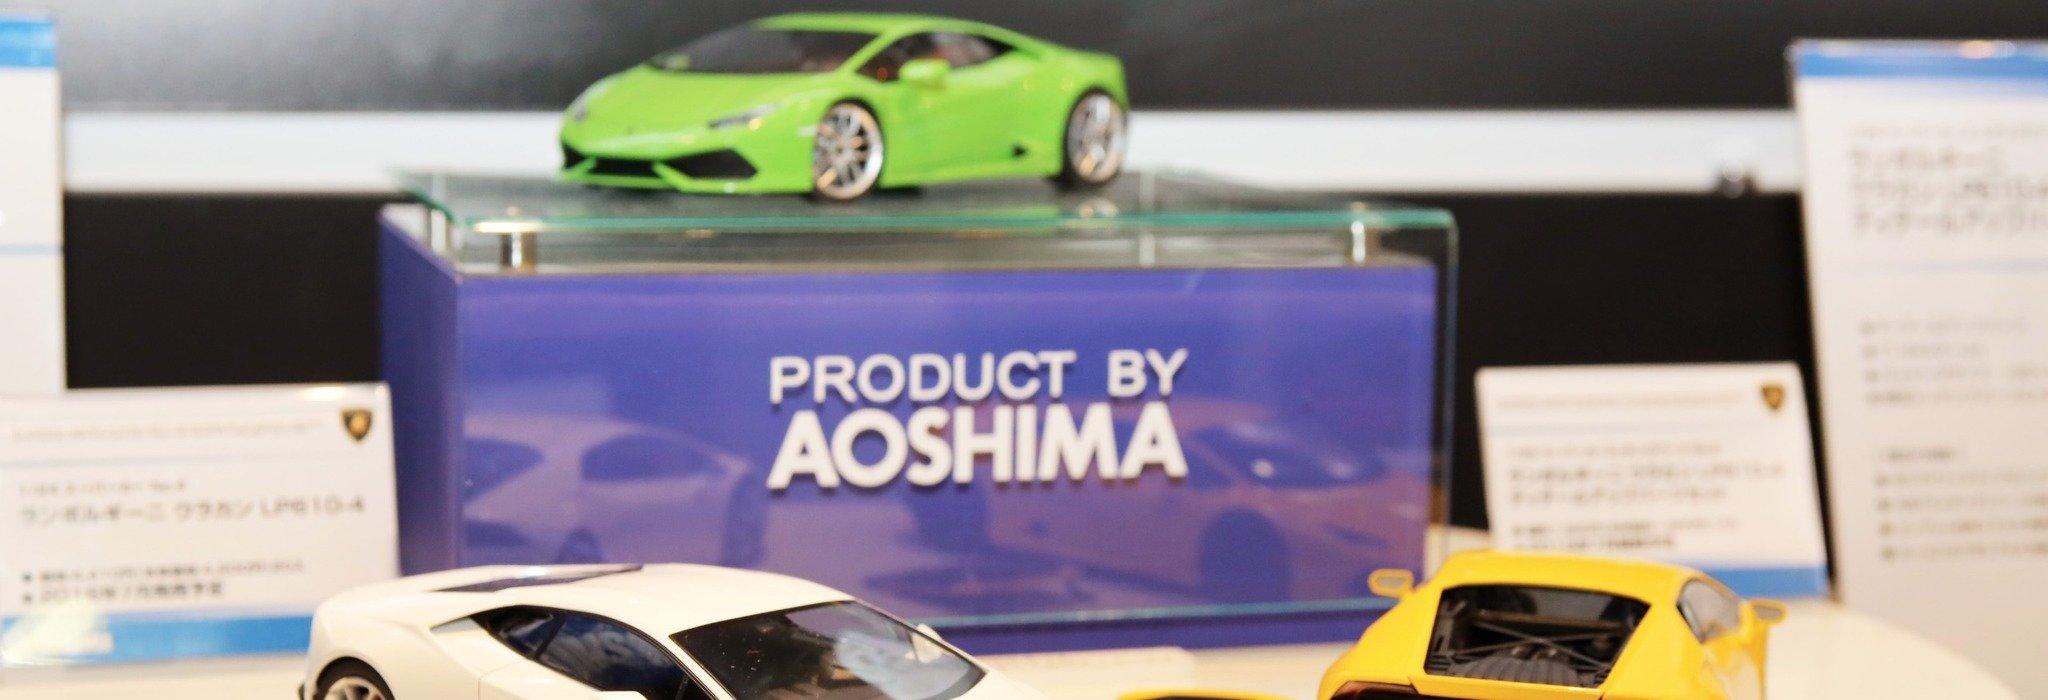 80年代の地味なセダンをいま世に出したのはなぜ? 静岡ホビーショーで聞くアオシマ流カーモデルの作り方_image